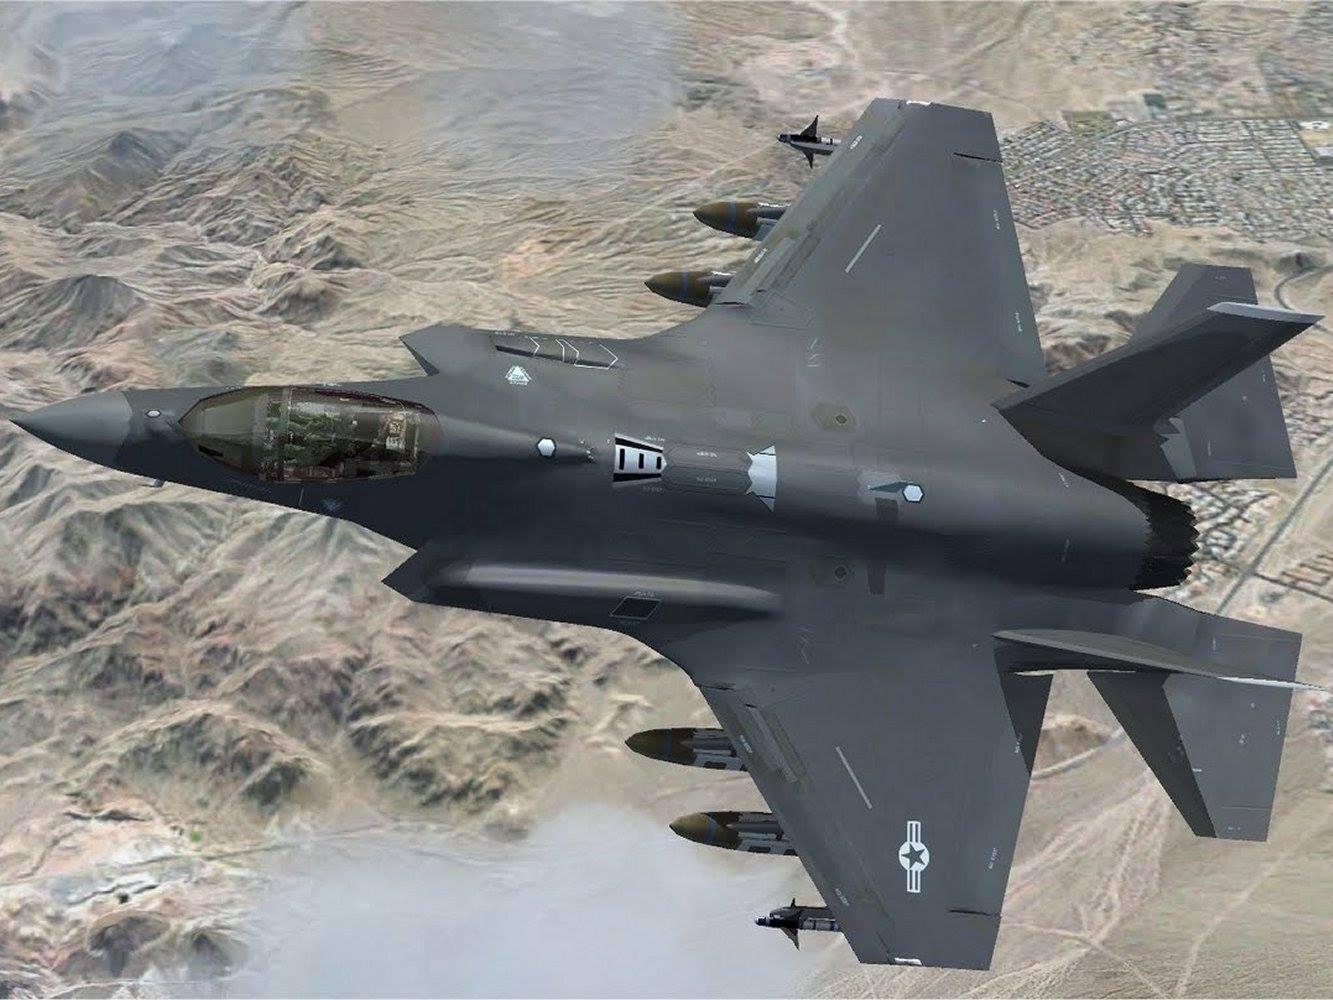 Aereo Da Caccia F35 : Ufoforum leggi argomento f aereo da caccia multiruolo